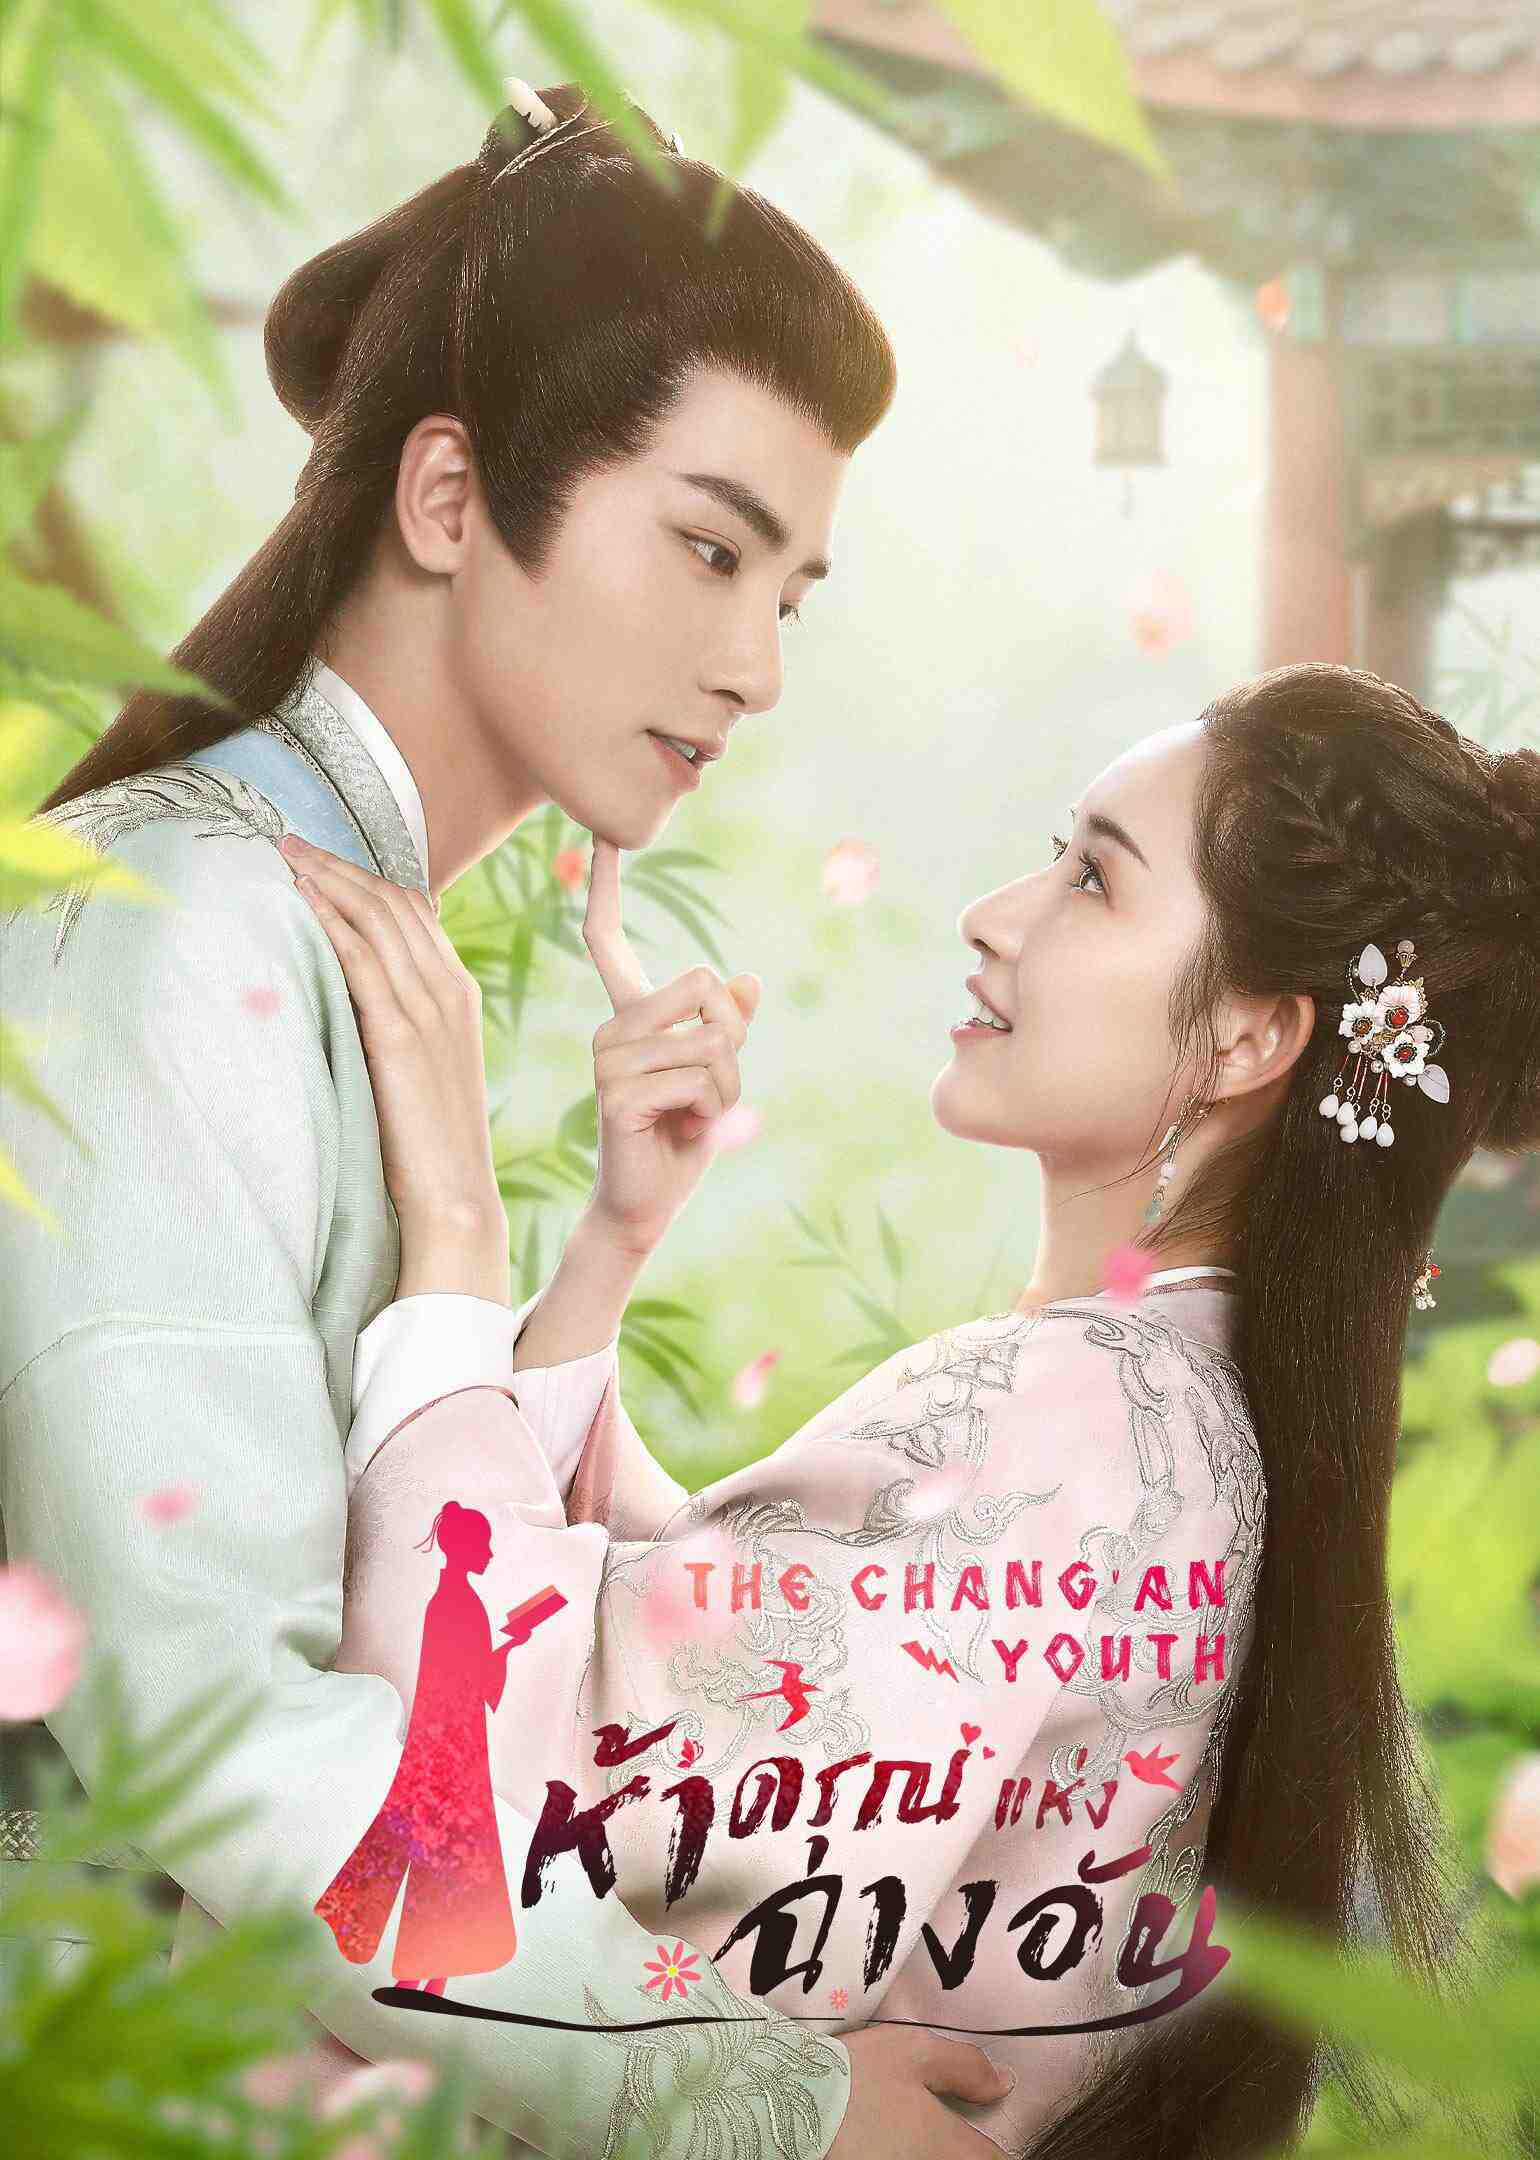 DVD ซีรี่ย์จีน The Chang'An Youth ห้าดรุณแห่งฉางอัน (ซับไทย) 5 ...